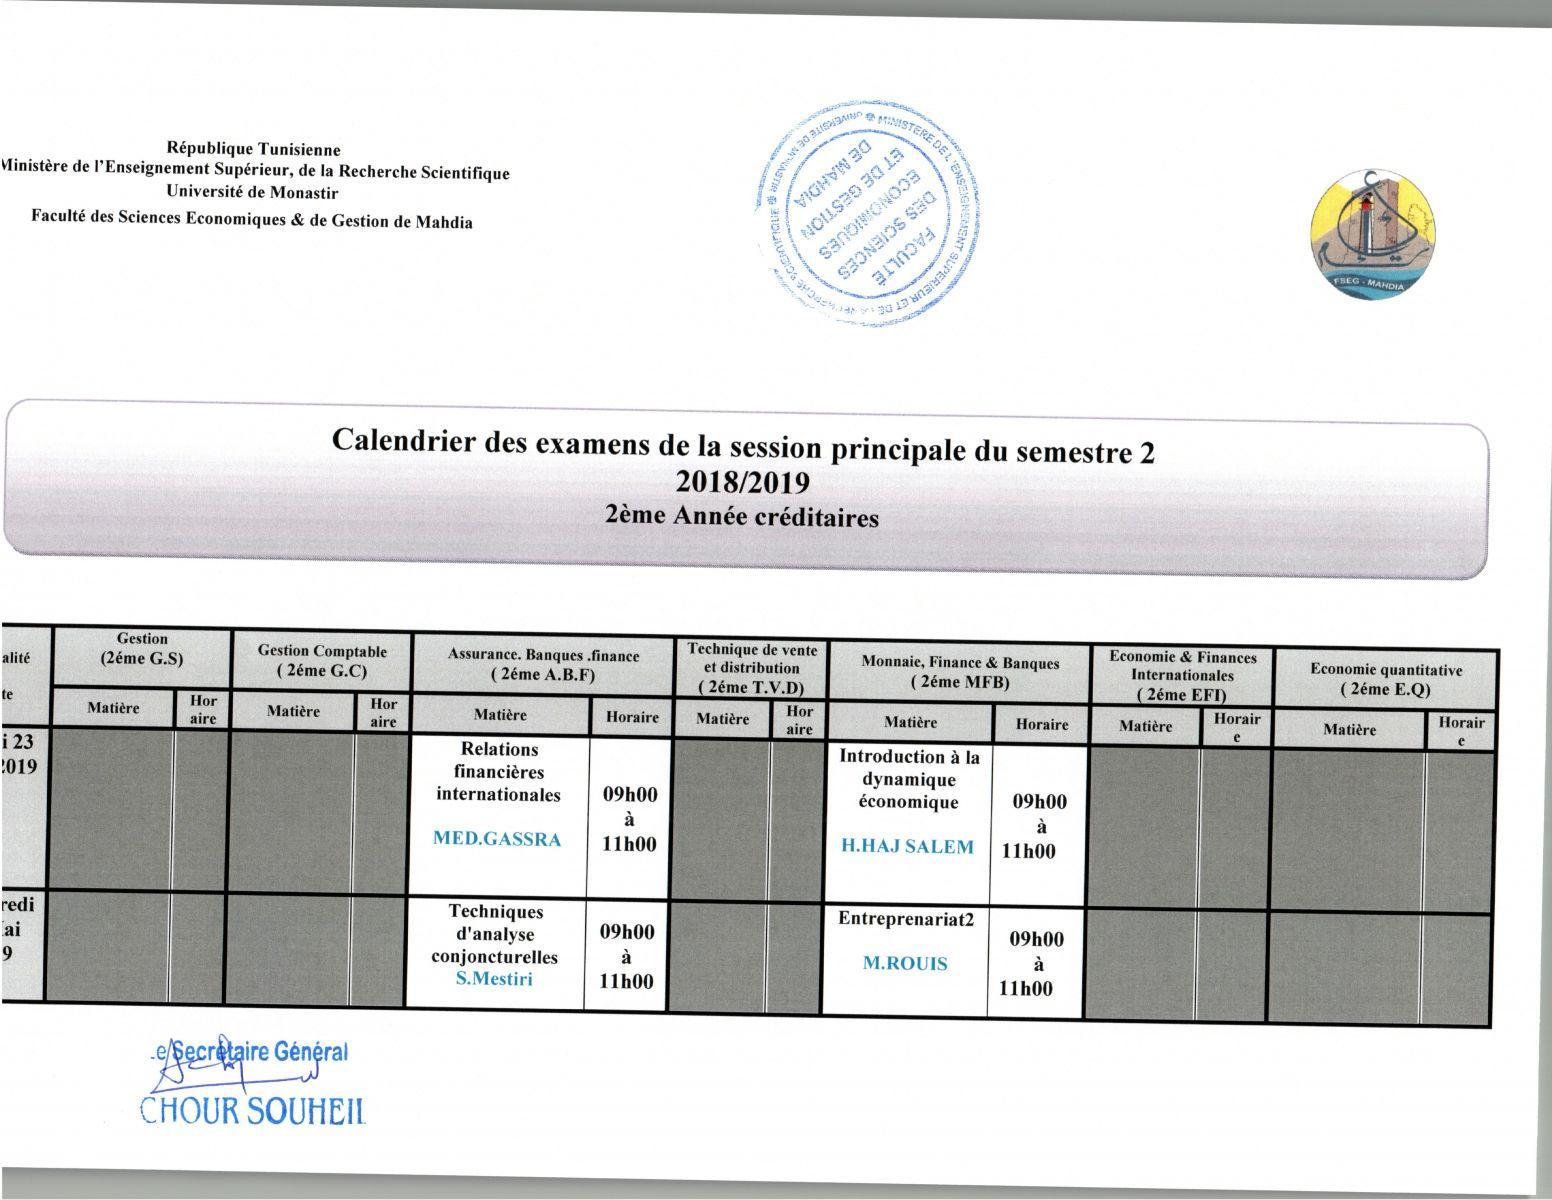 Fsegma - Calendrier Des Examens De La Session Principale tout Calendrier 2Ème Semestre 2018